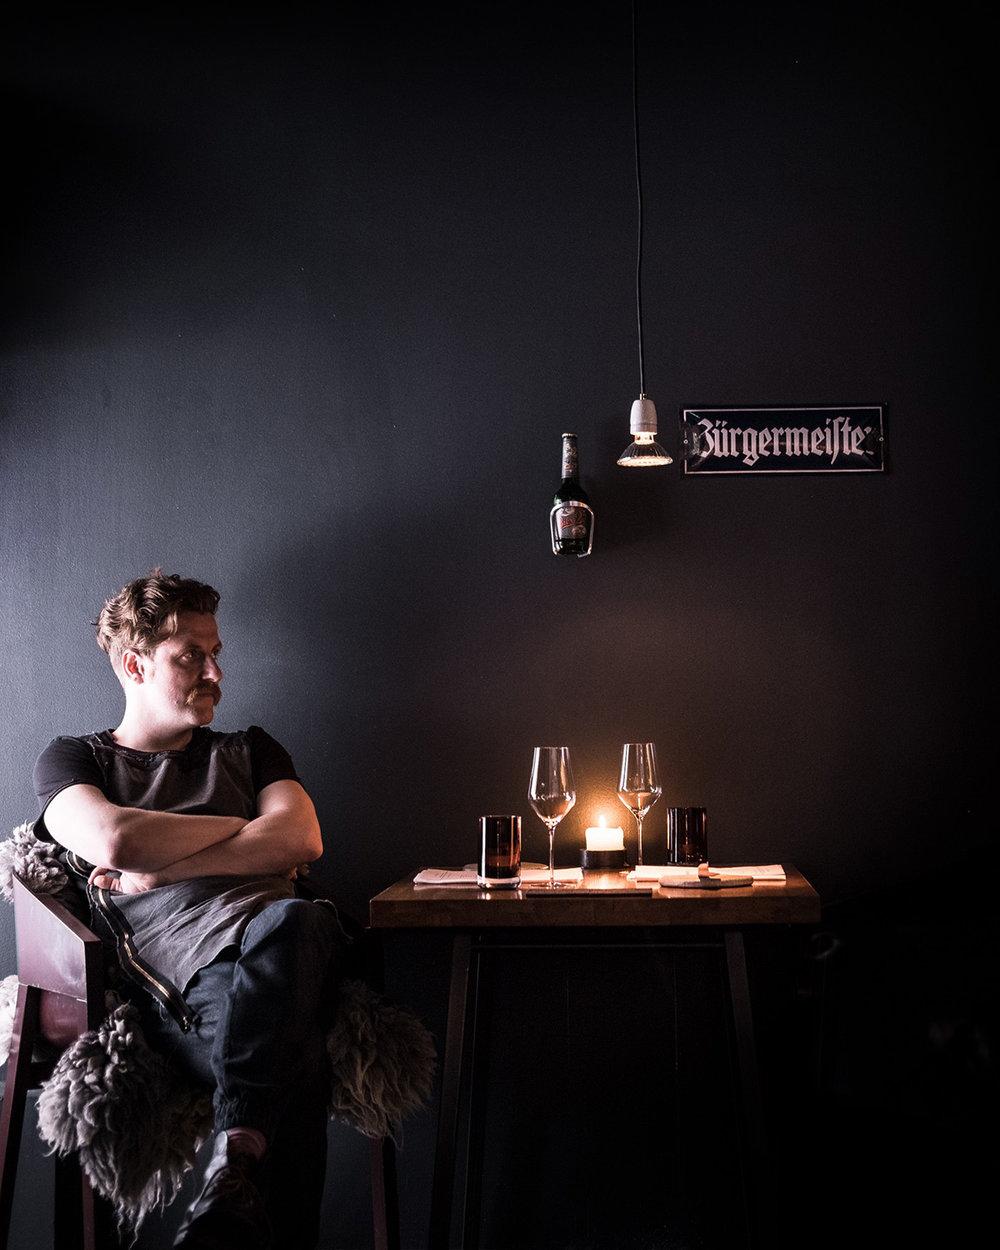 Nobelhart og Schmutzig restaurant matfotograf berlin fotograf oslo norge mats dreyer